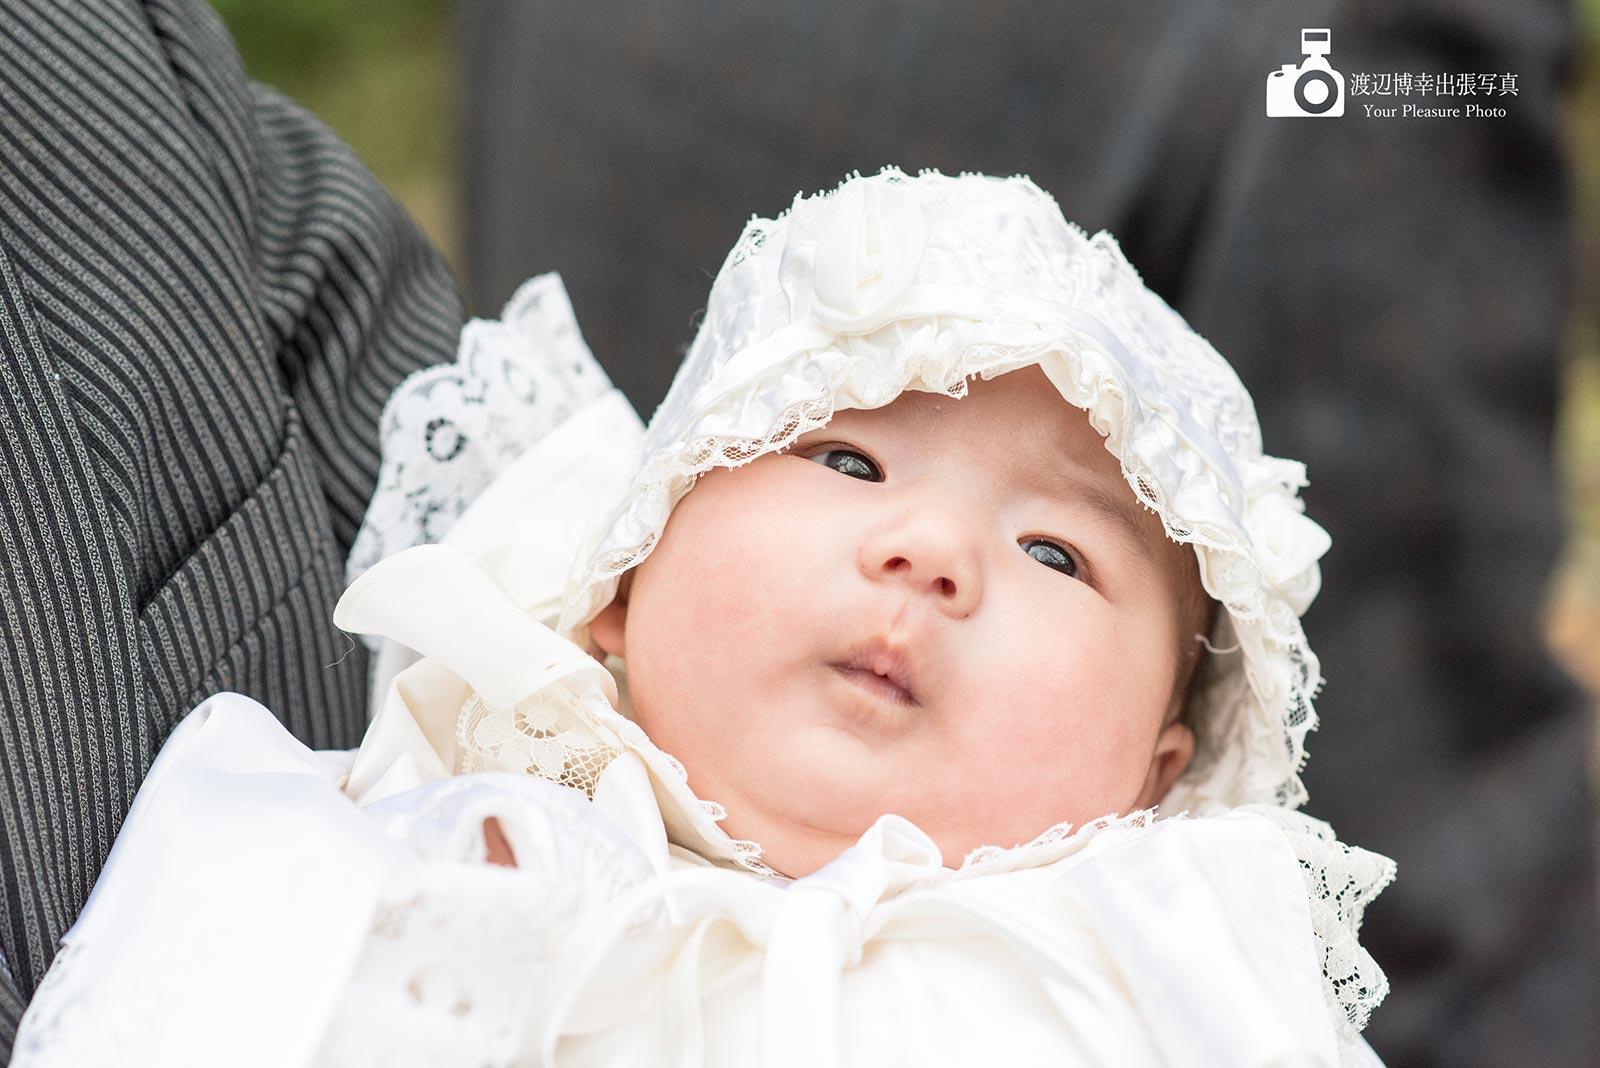 お宮参りで掛着を着た赤ちゃんの写真